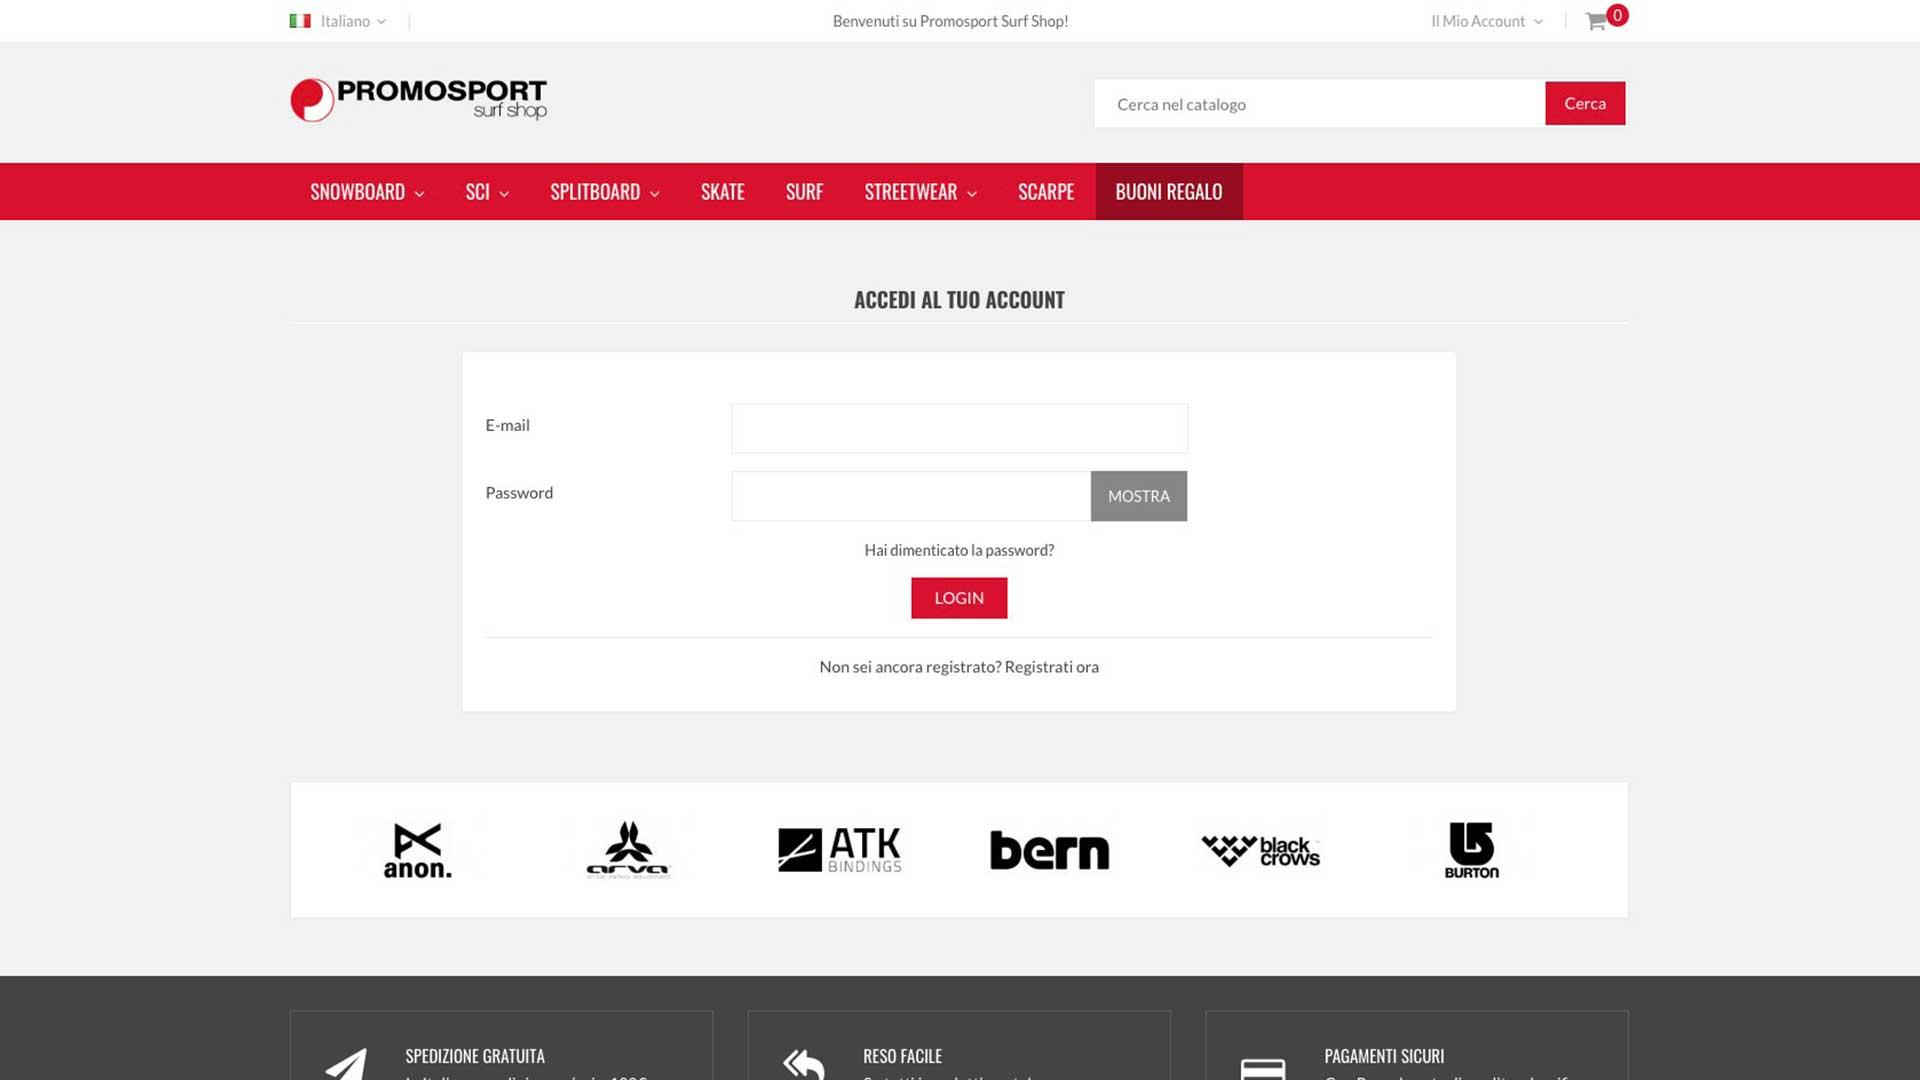 Promosport ecommerce sito - area personale